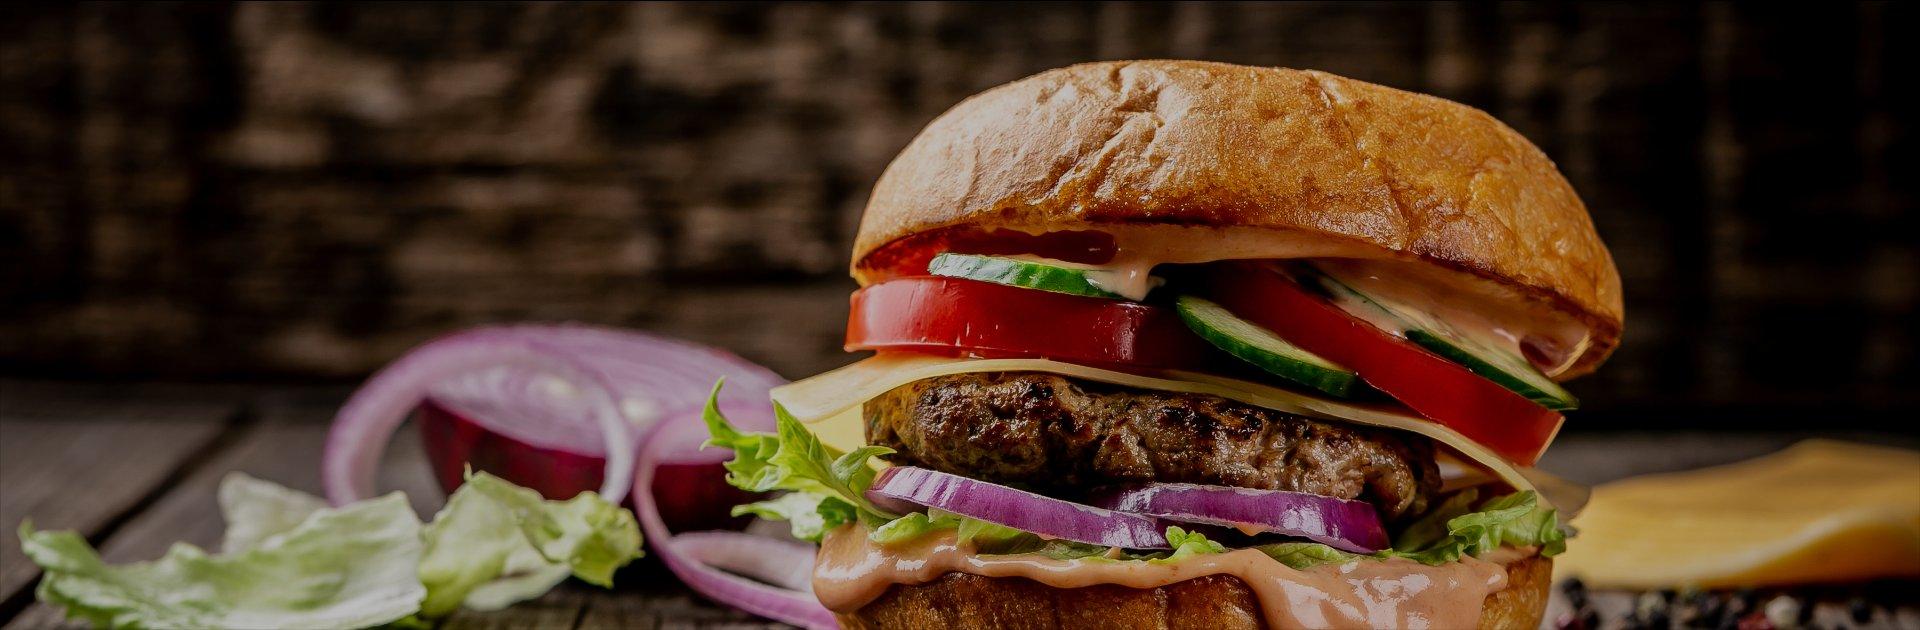 Cuisson accélérée des hamburgers